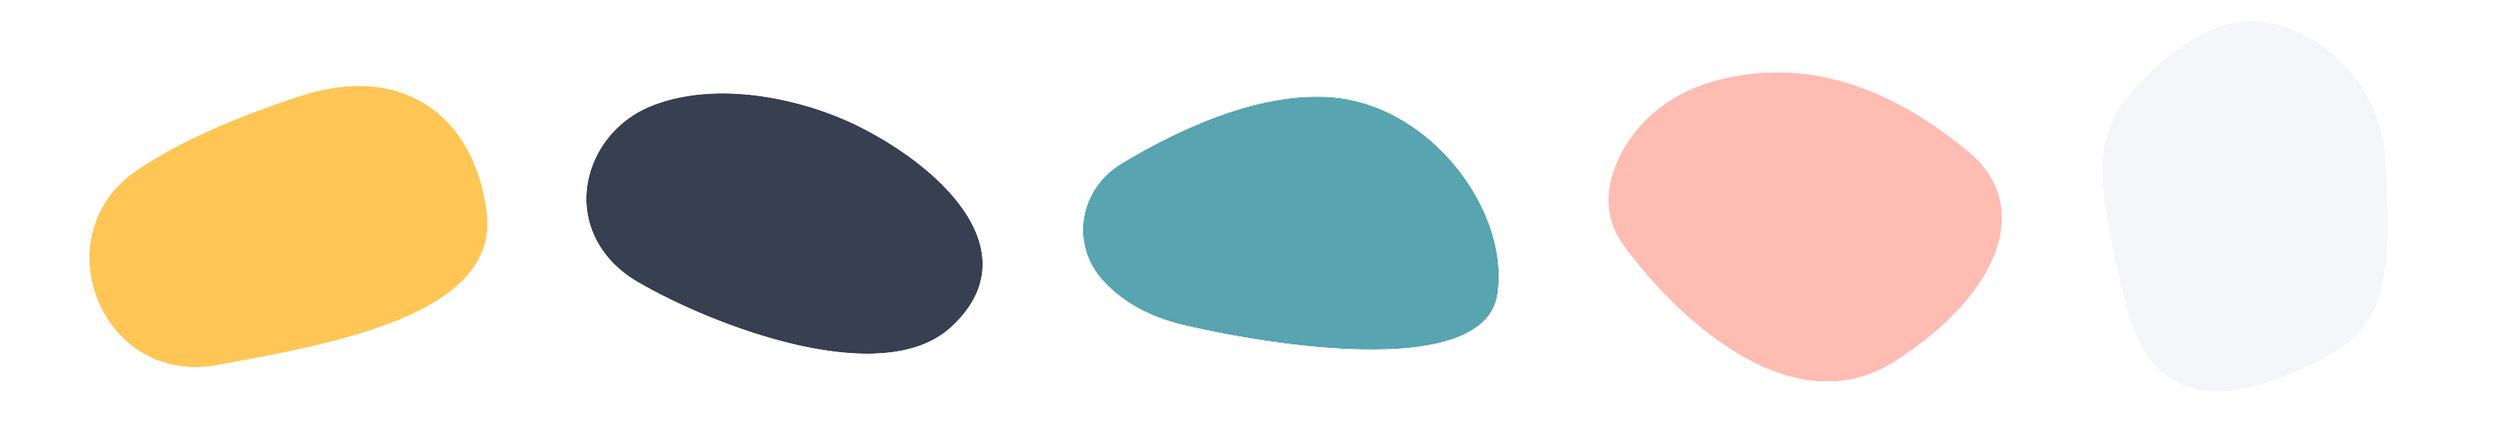 colour spots.jpg